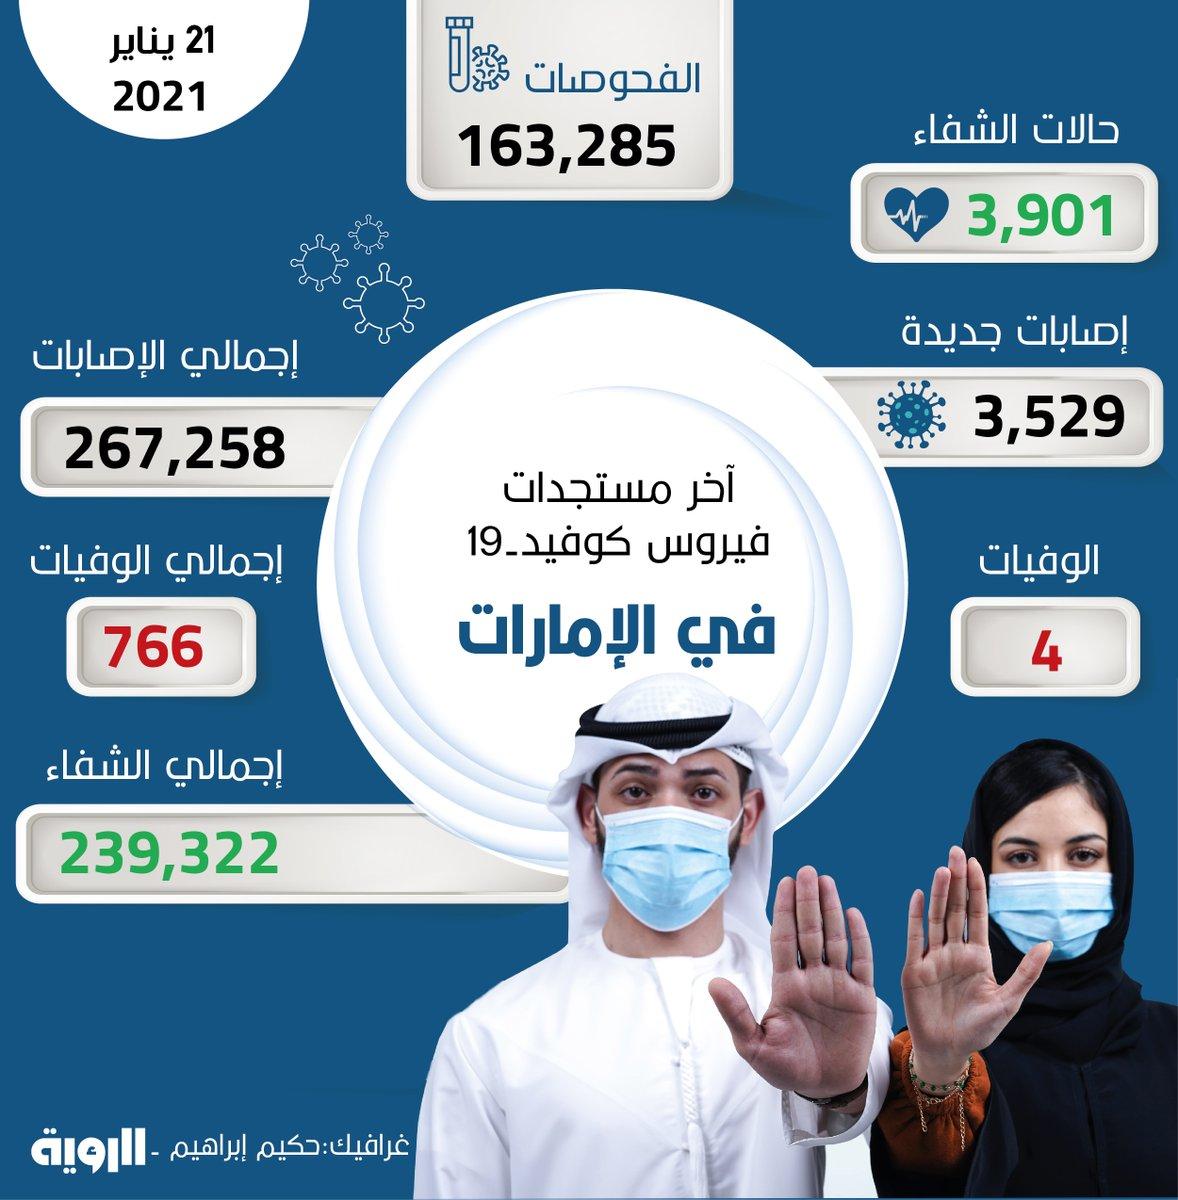 """""""الصحة"""" تُجري 163,285 فحصاً ضمن خططها لتوسيع نطاق الفحوصات وتكشف عن 3,529 إصابة جديدة بـ #فيروس_كورونا المستجد، و 3,901 حالة شفاء، و 4 حالات وفاة خلال الساعات الـ 24 الماضية."""